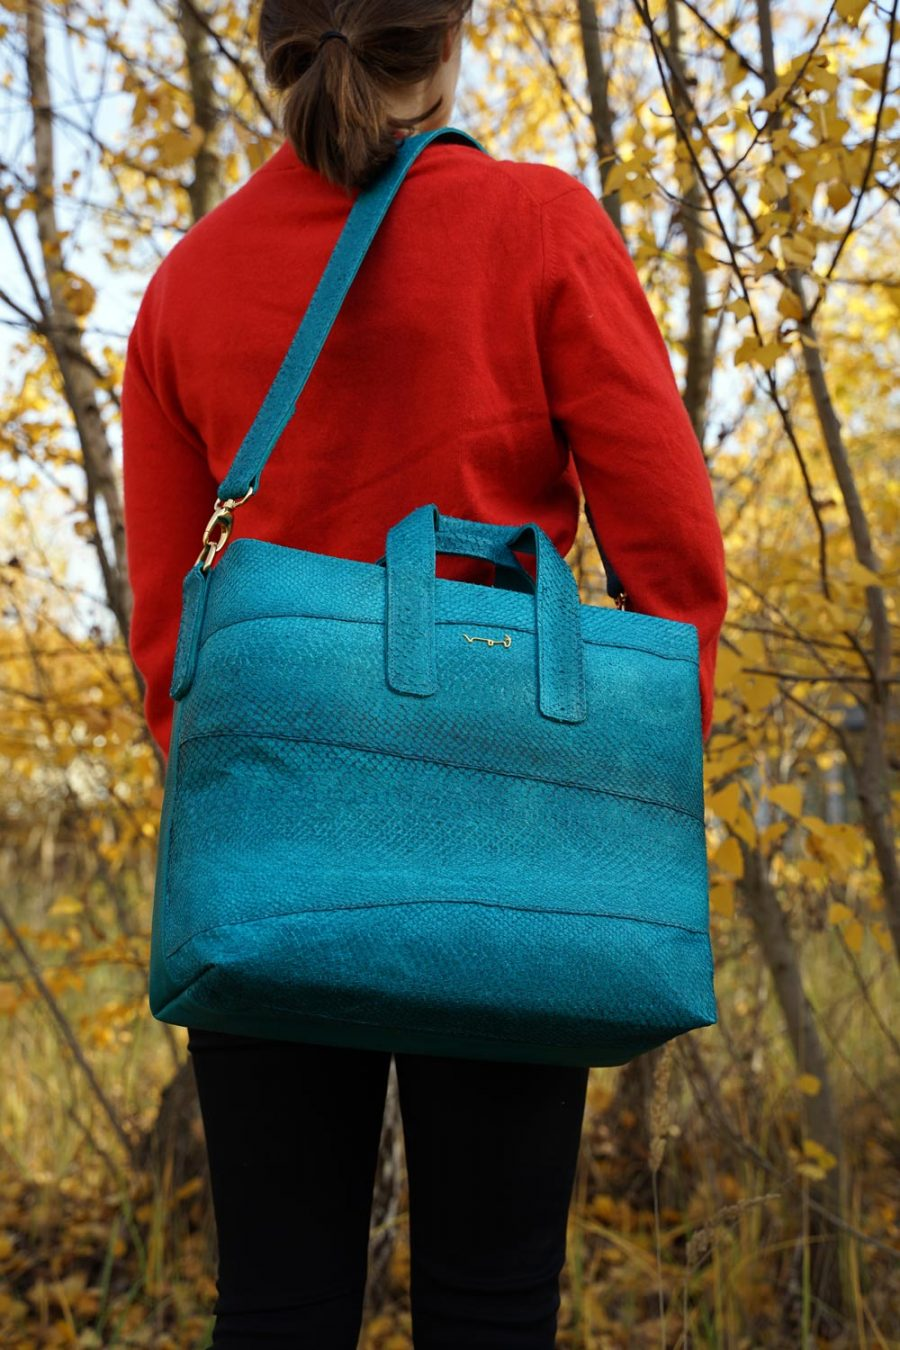 Big handbag made from salmon leather